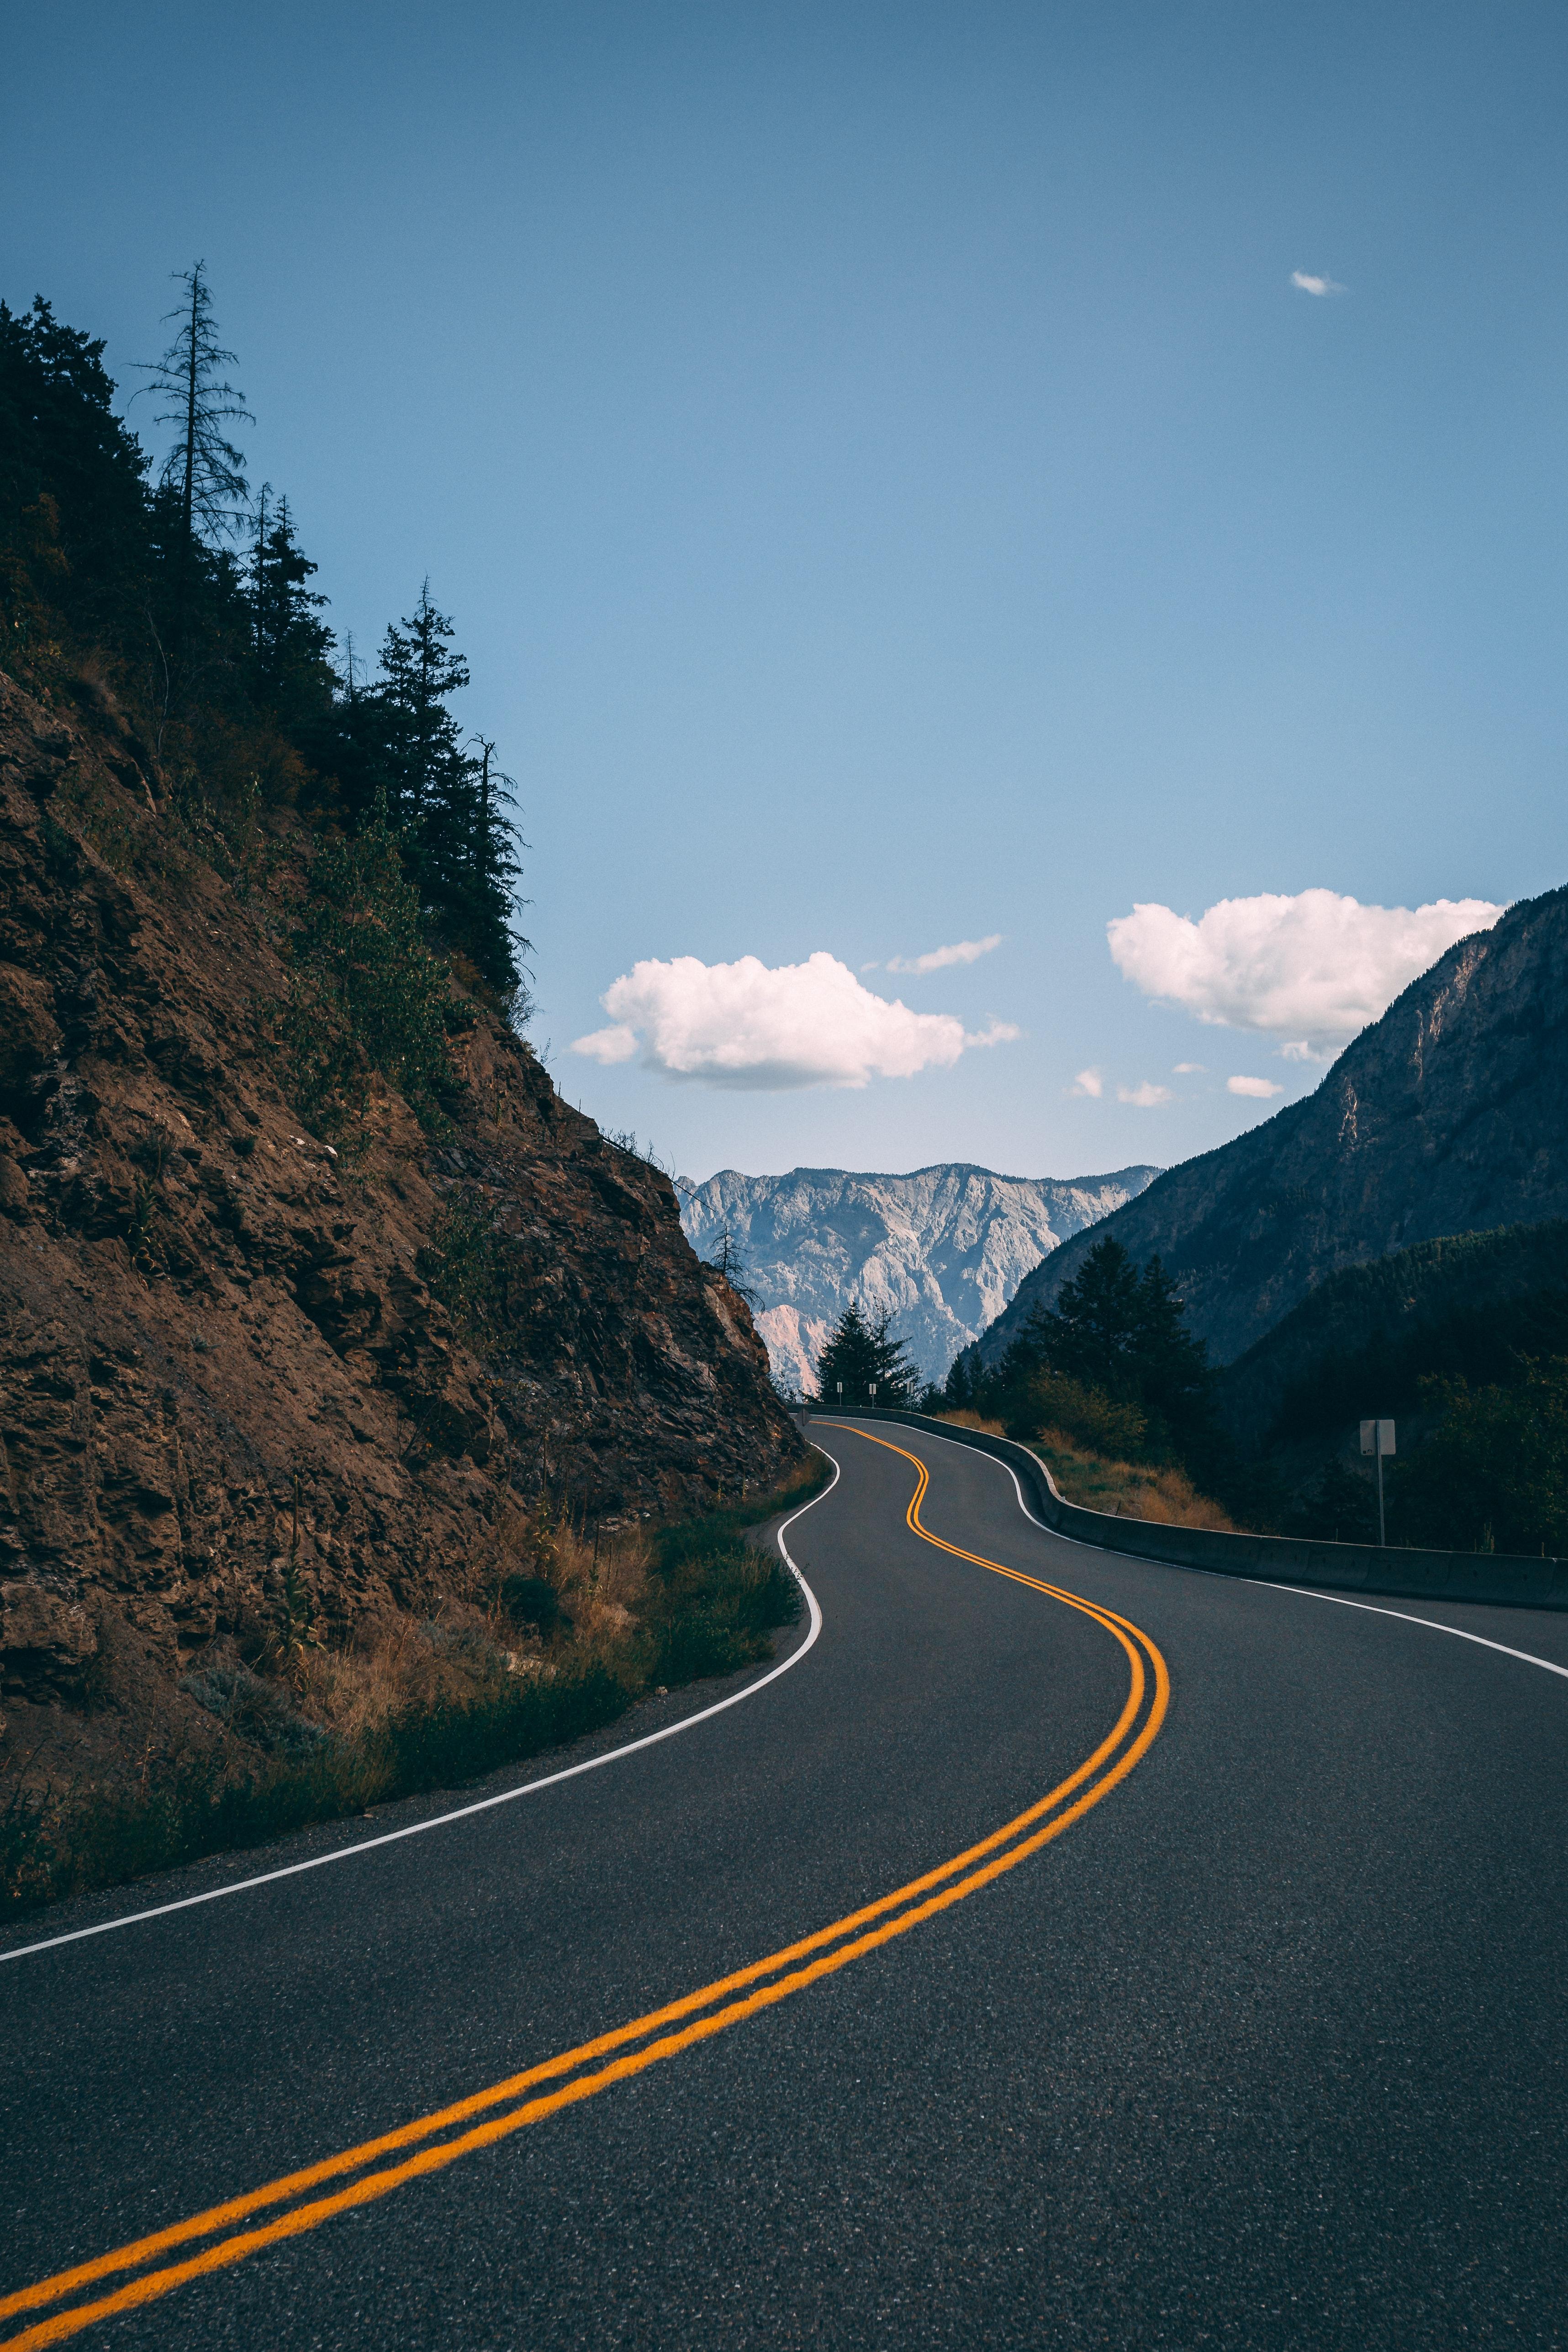 67479 Заставки и Обои Пейзаж на телефон. Скачать Пейзаж, Природа, Горы, Дорога, Асфальт картинки бесплатно